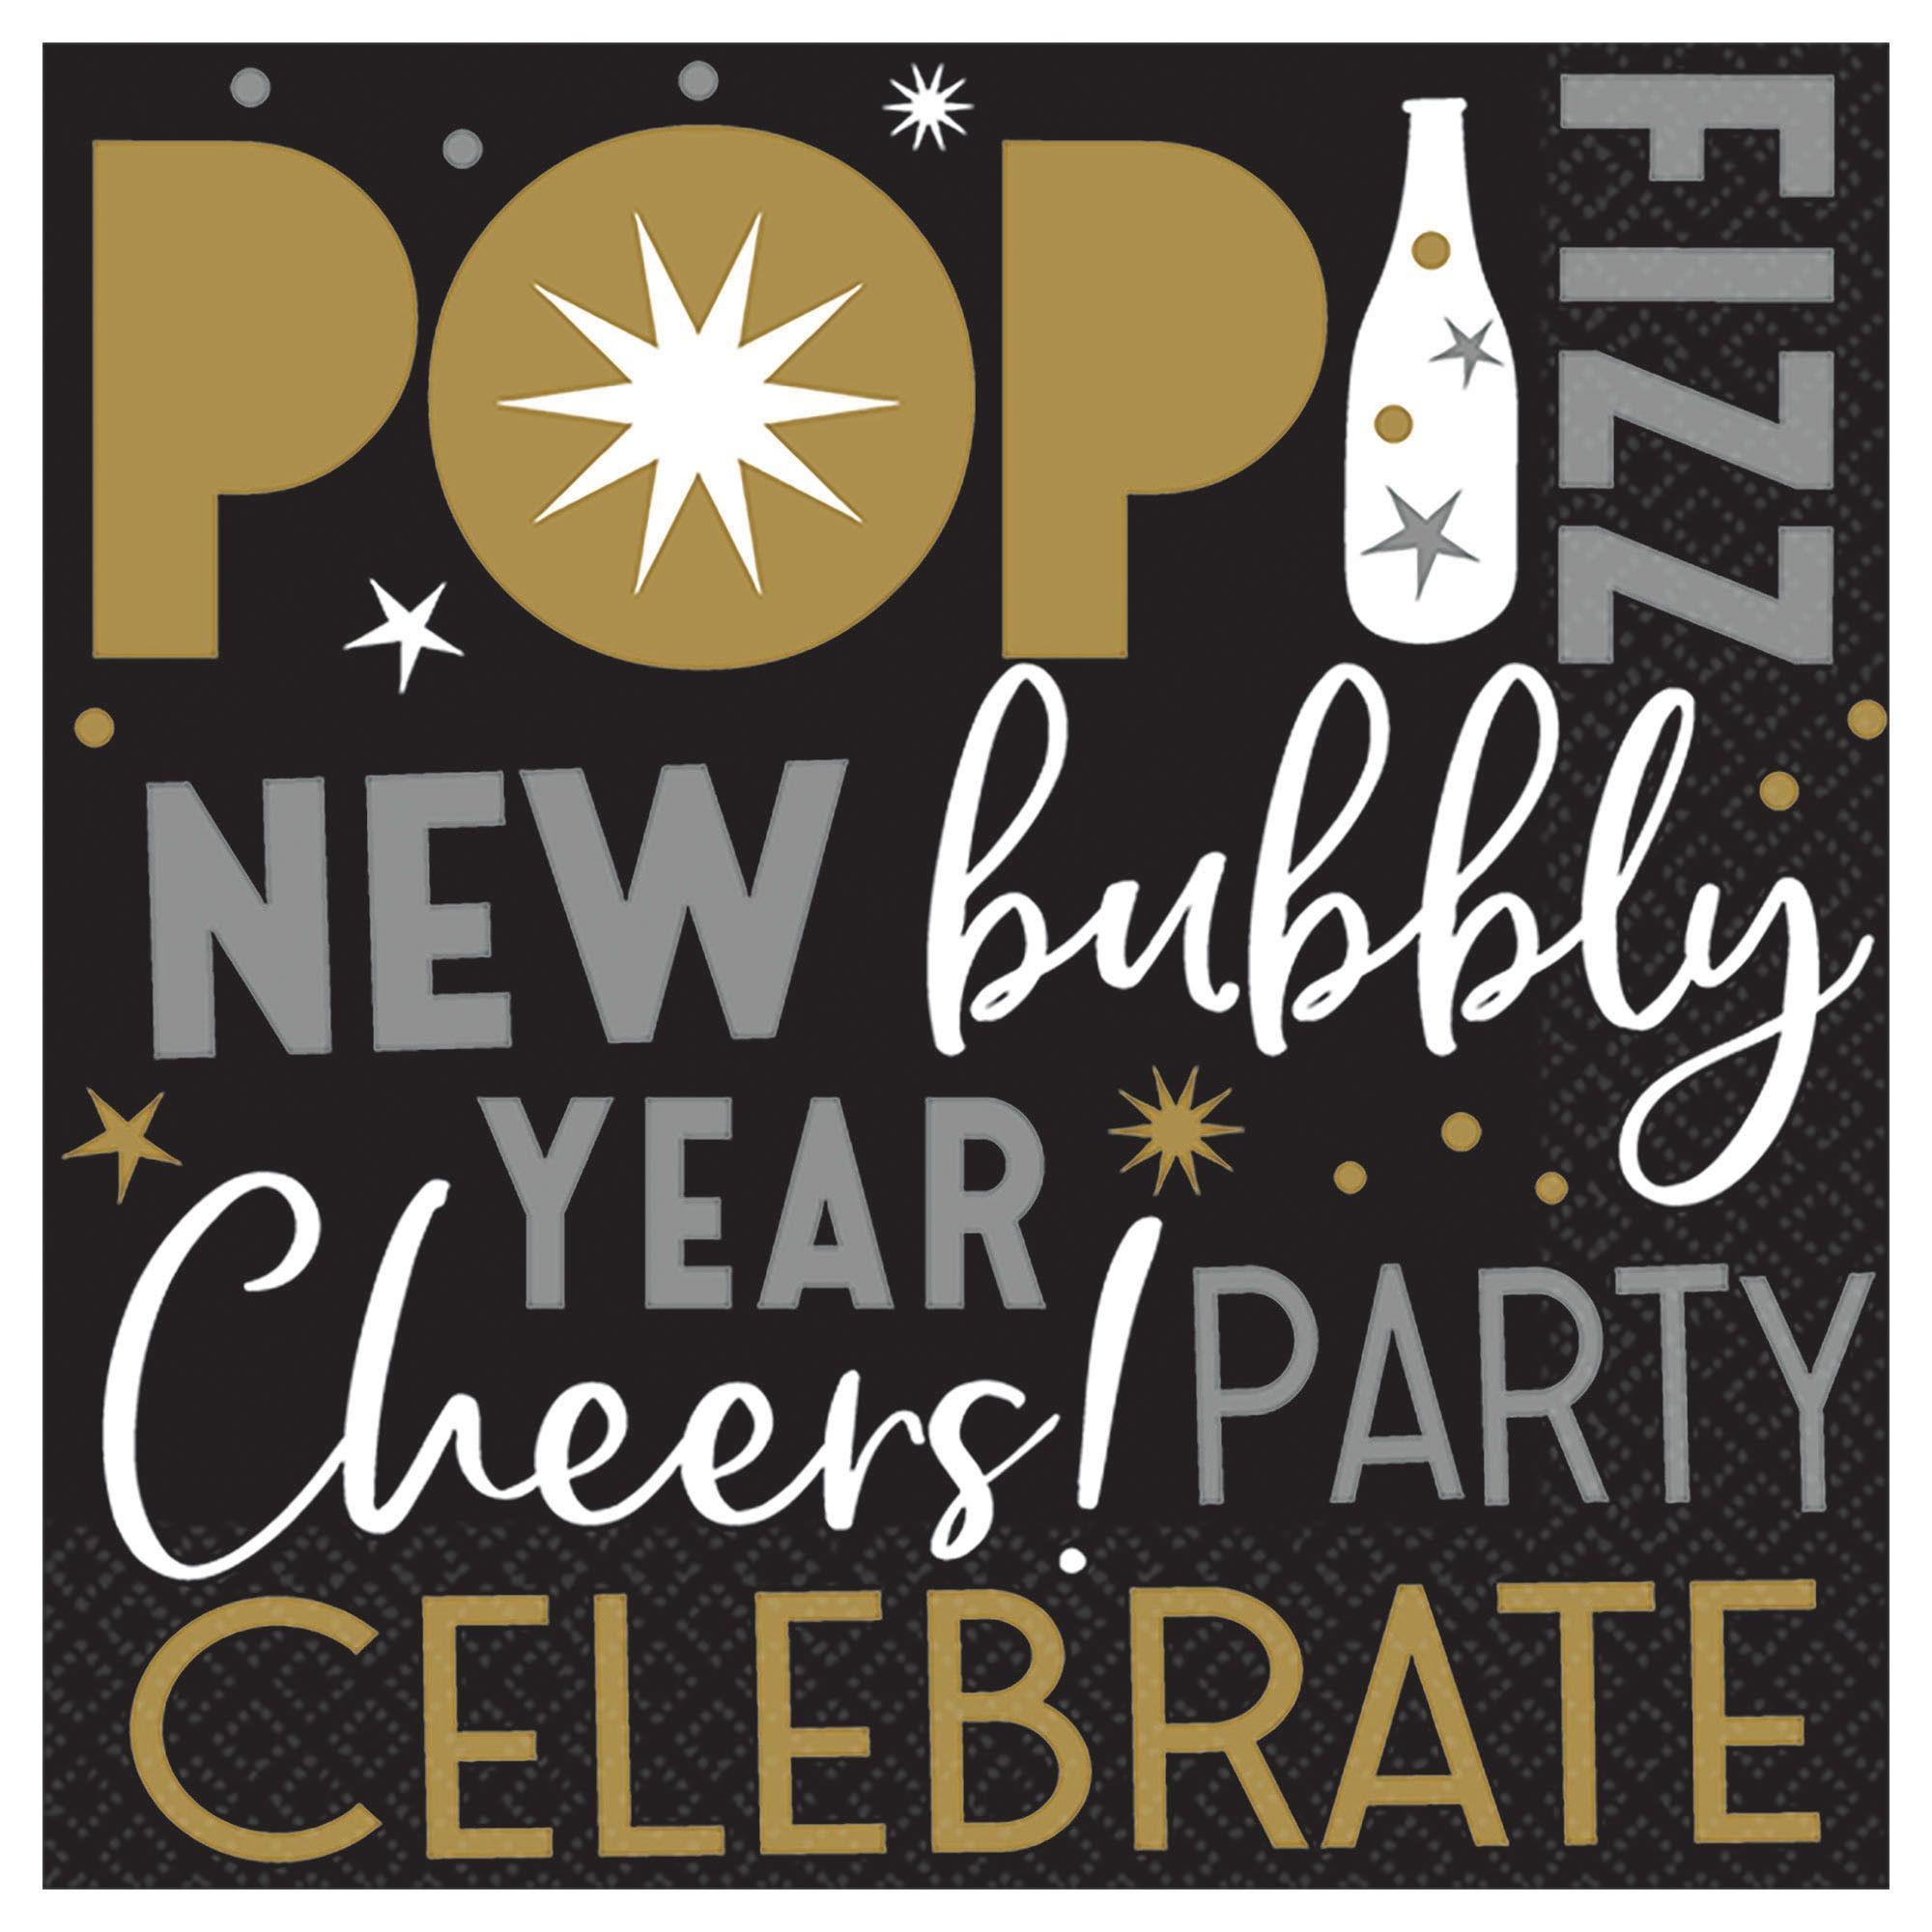 Celebrate NY BN